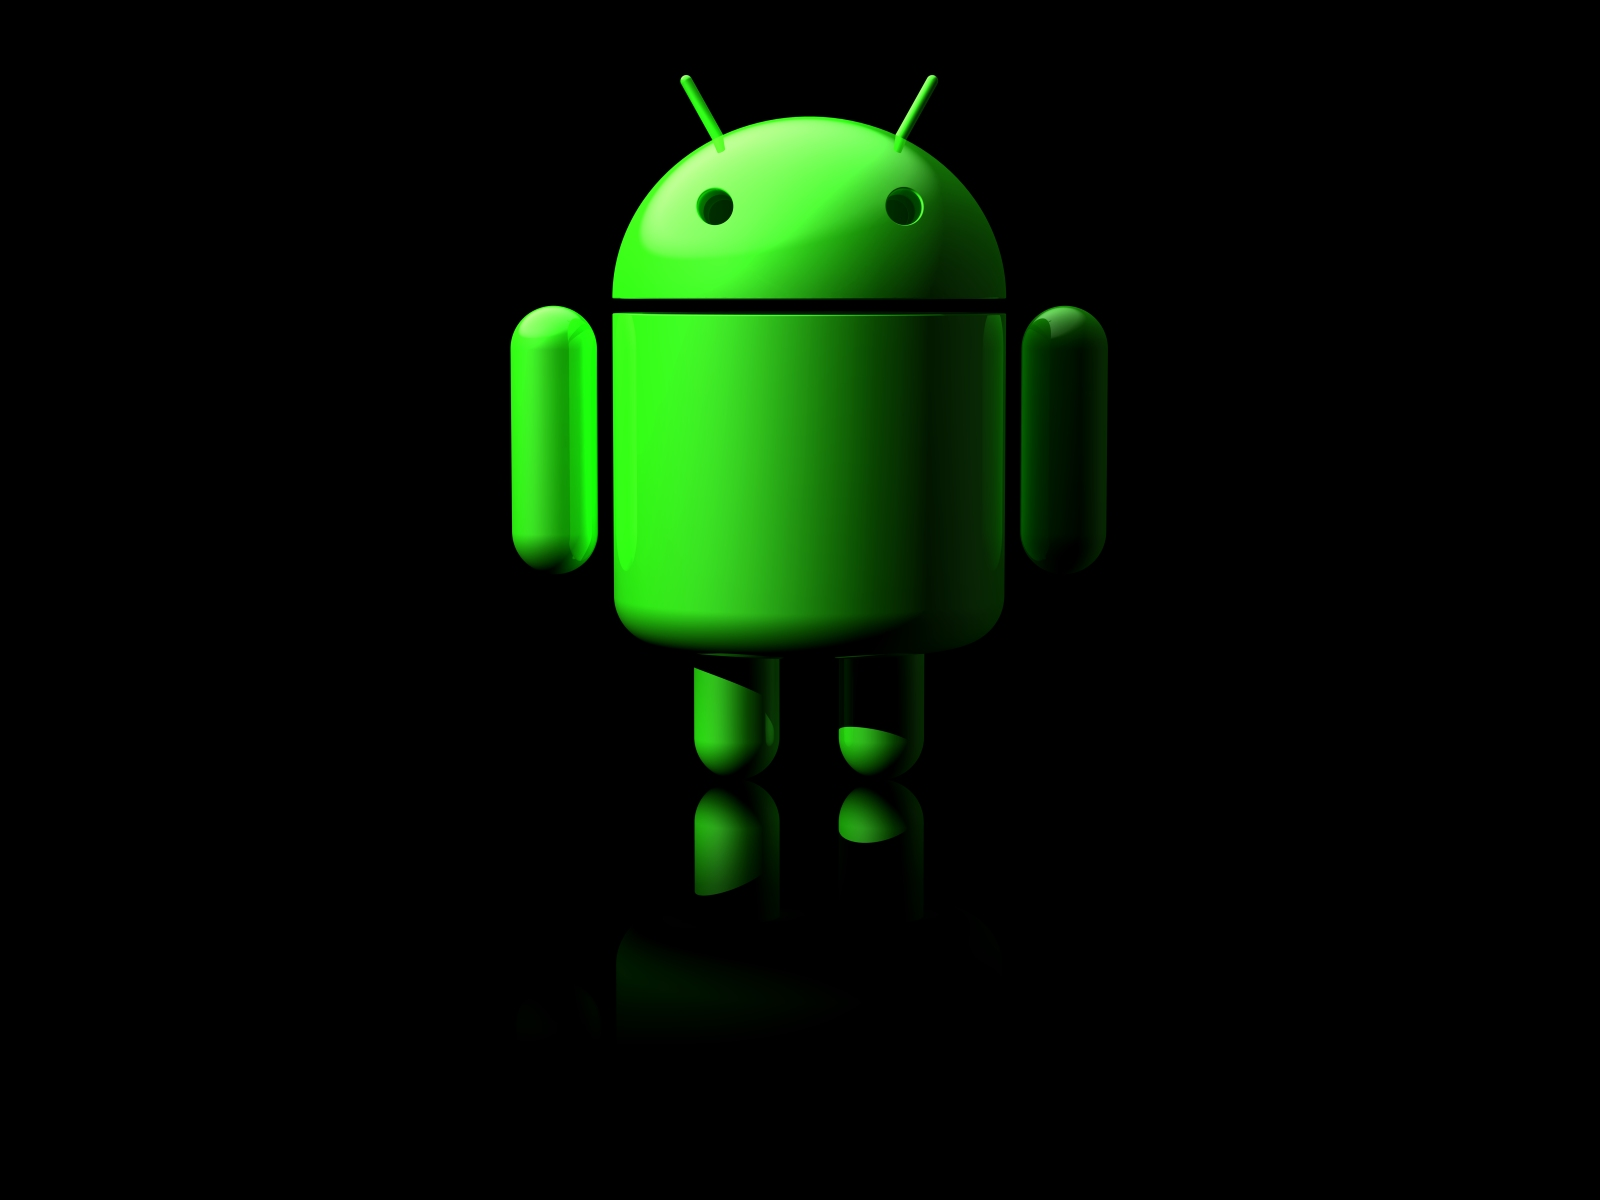 Скрытая настройка во всех Android -смартфонах позволяет включить темную 99